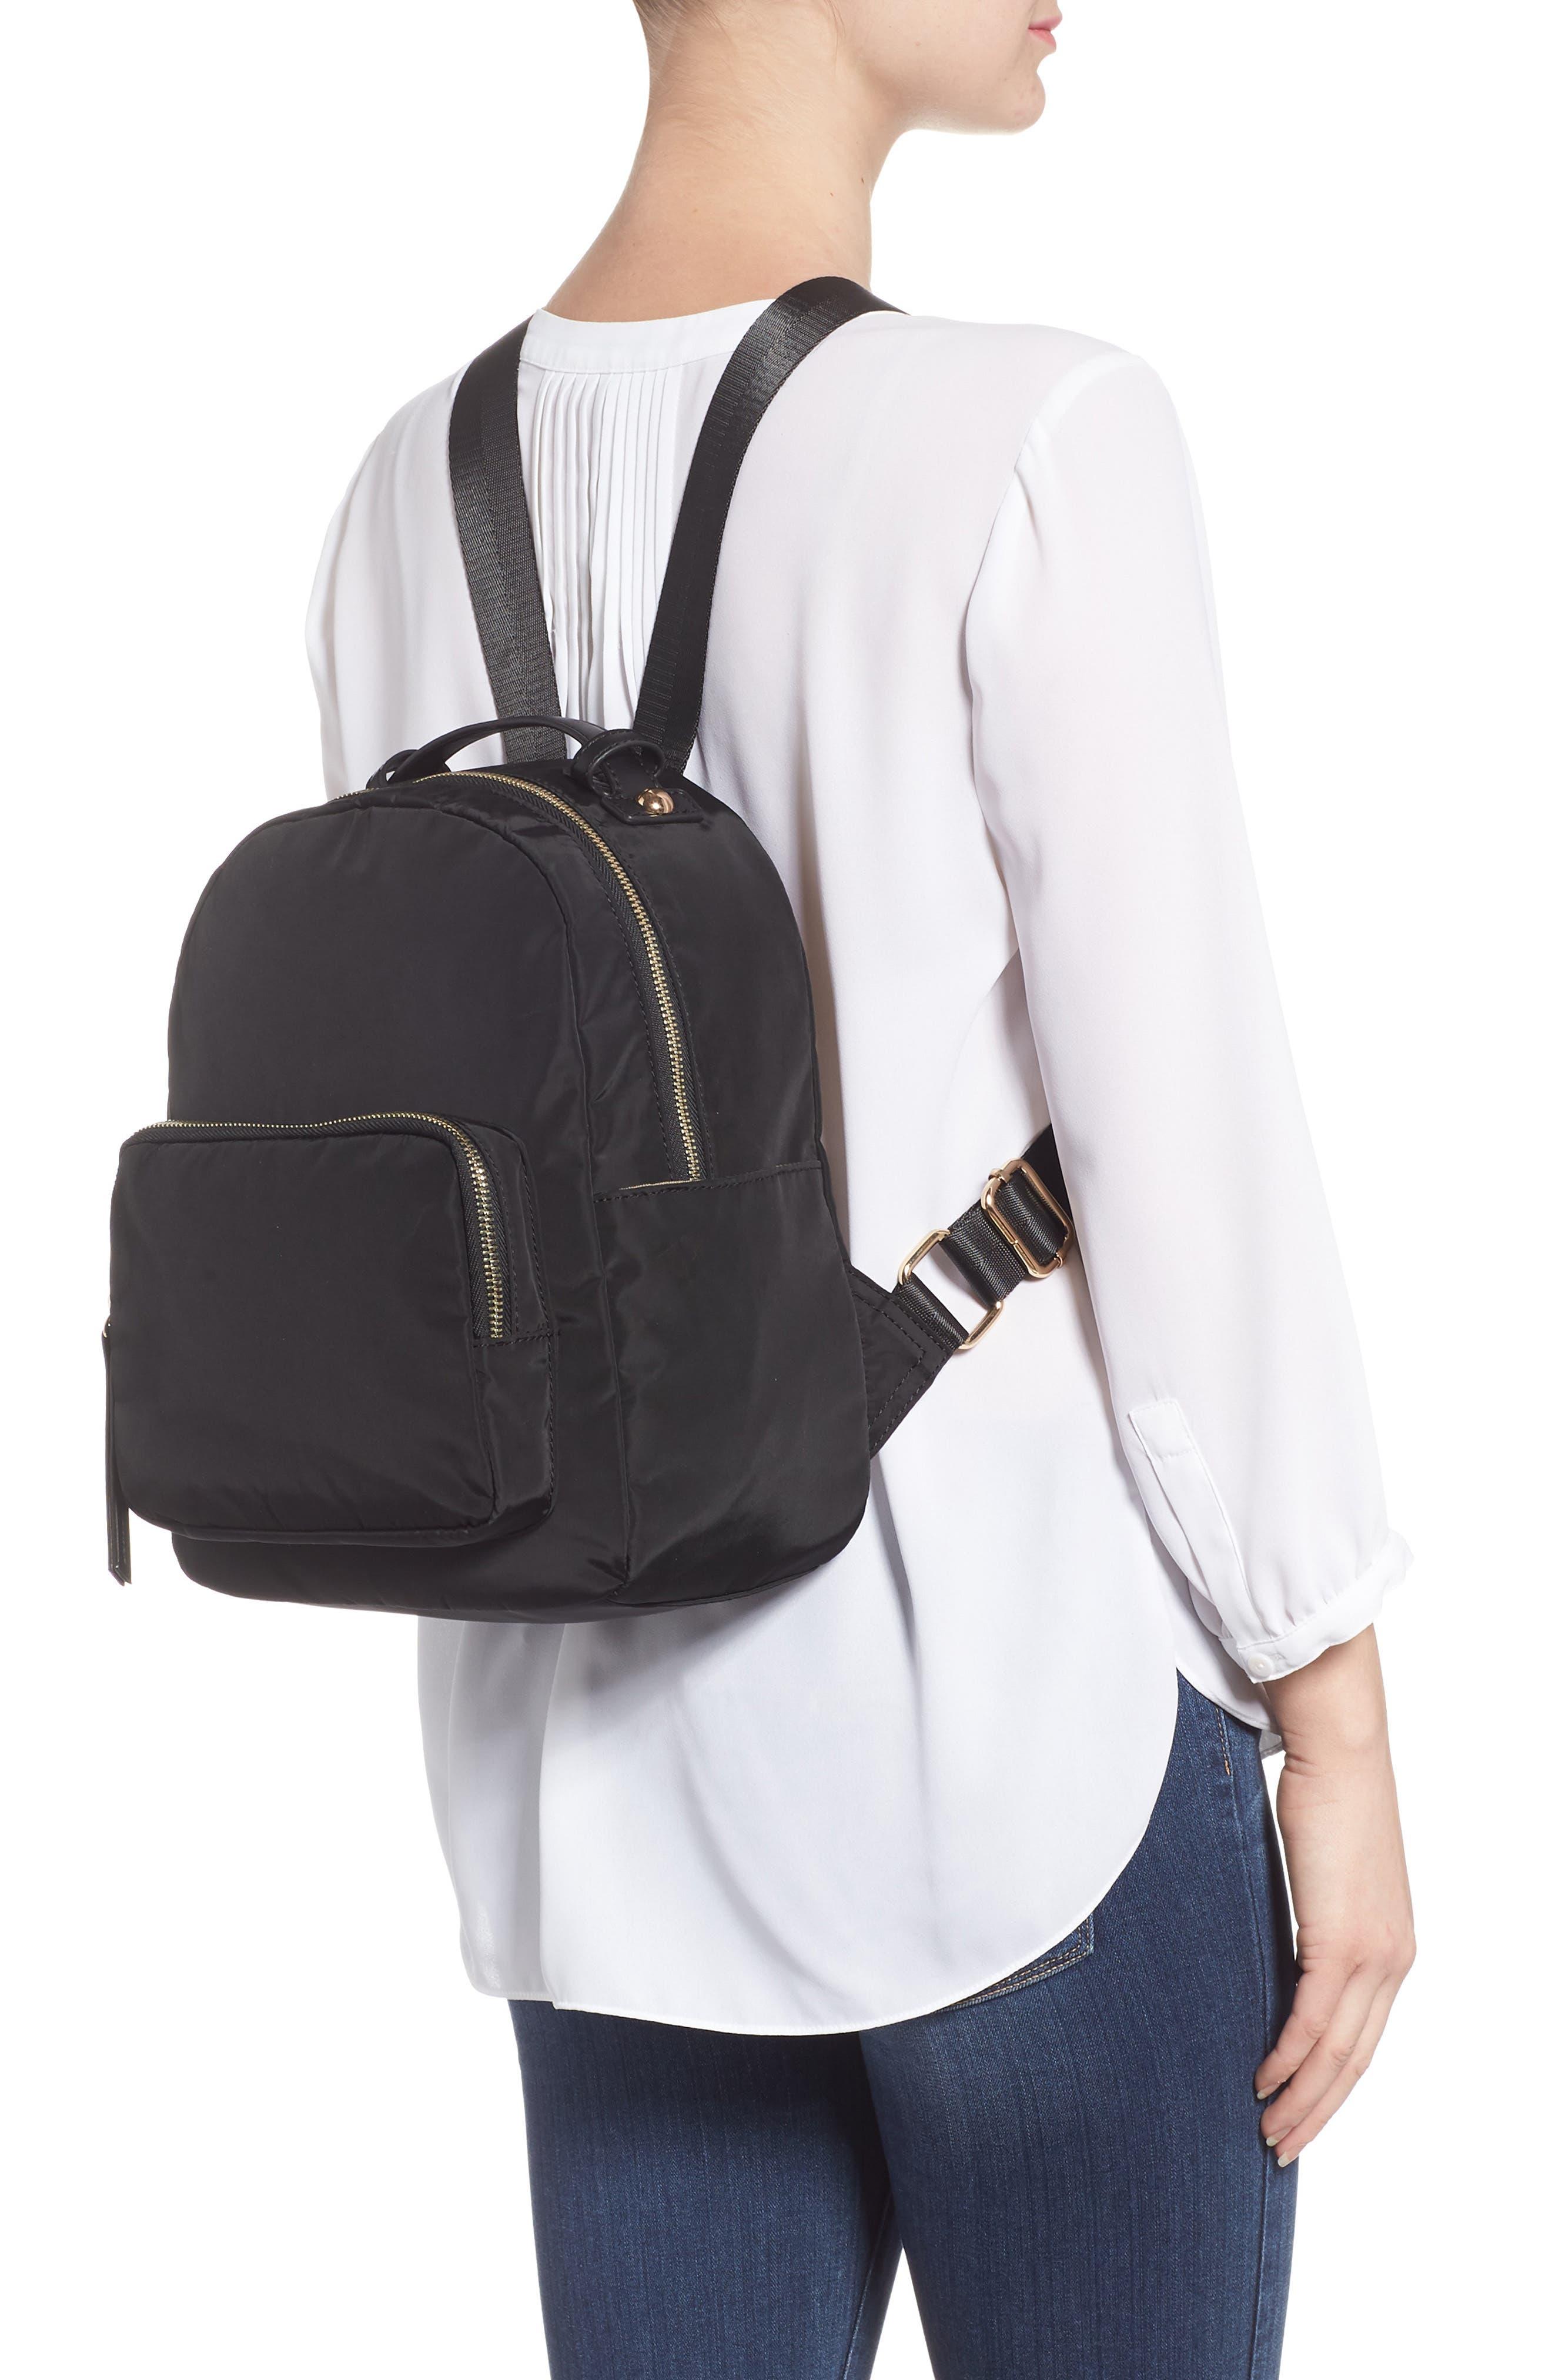 Nylon Backpack,                             Alternate thumbnail 2, color,                             001